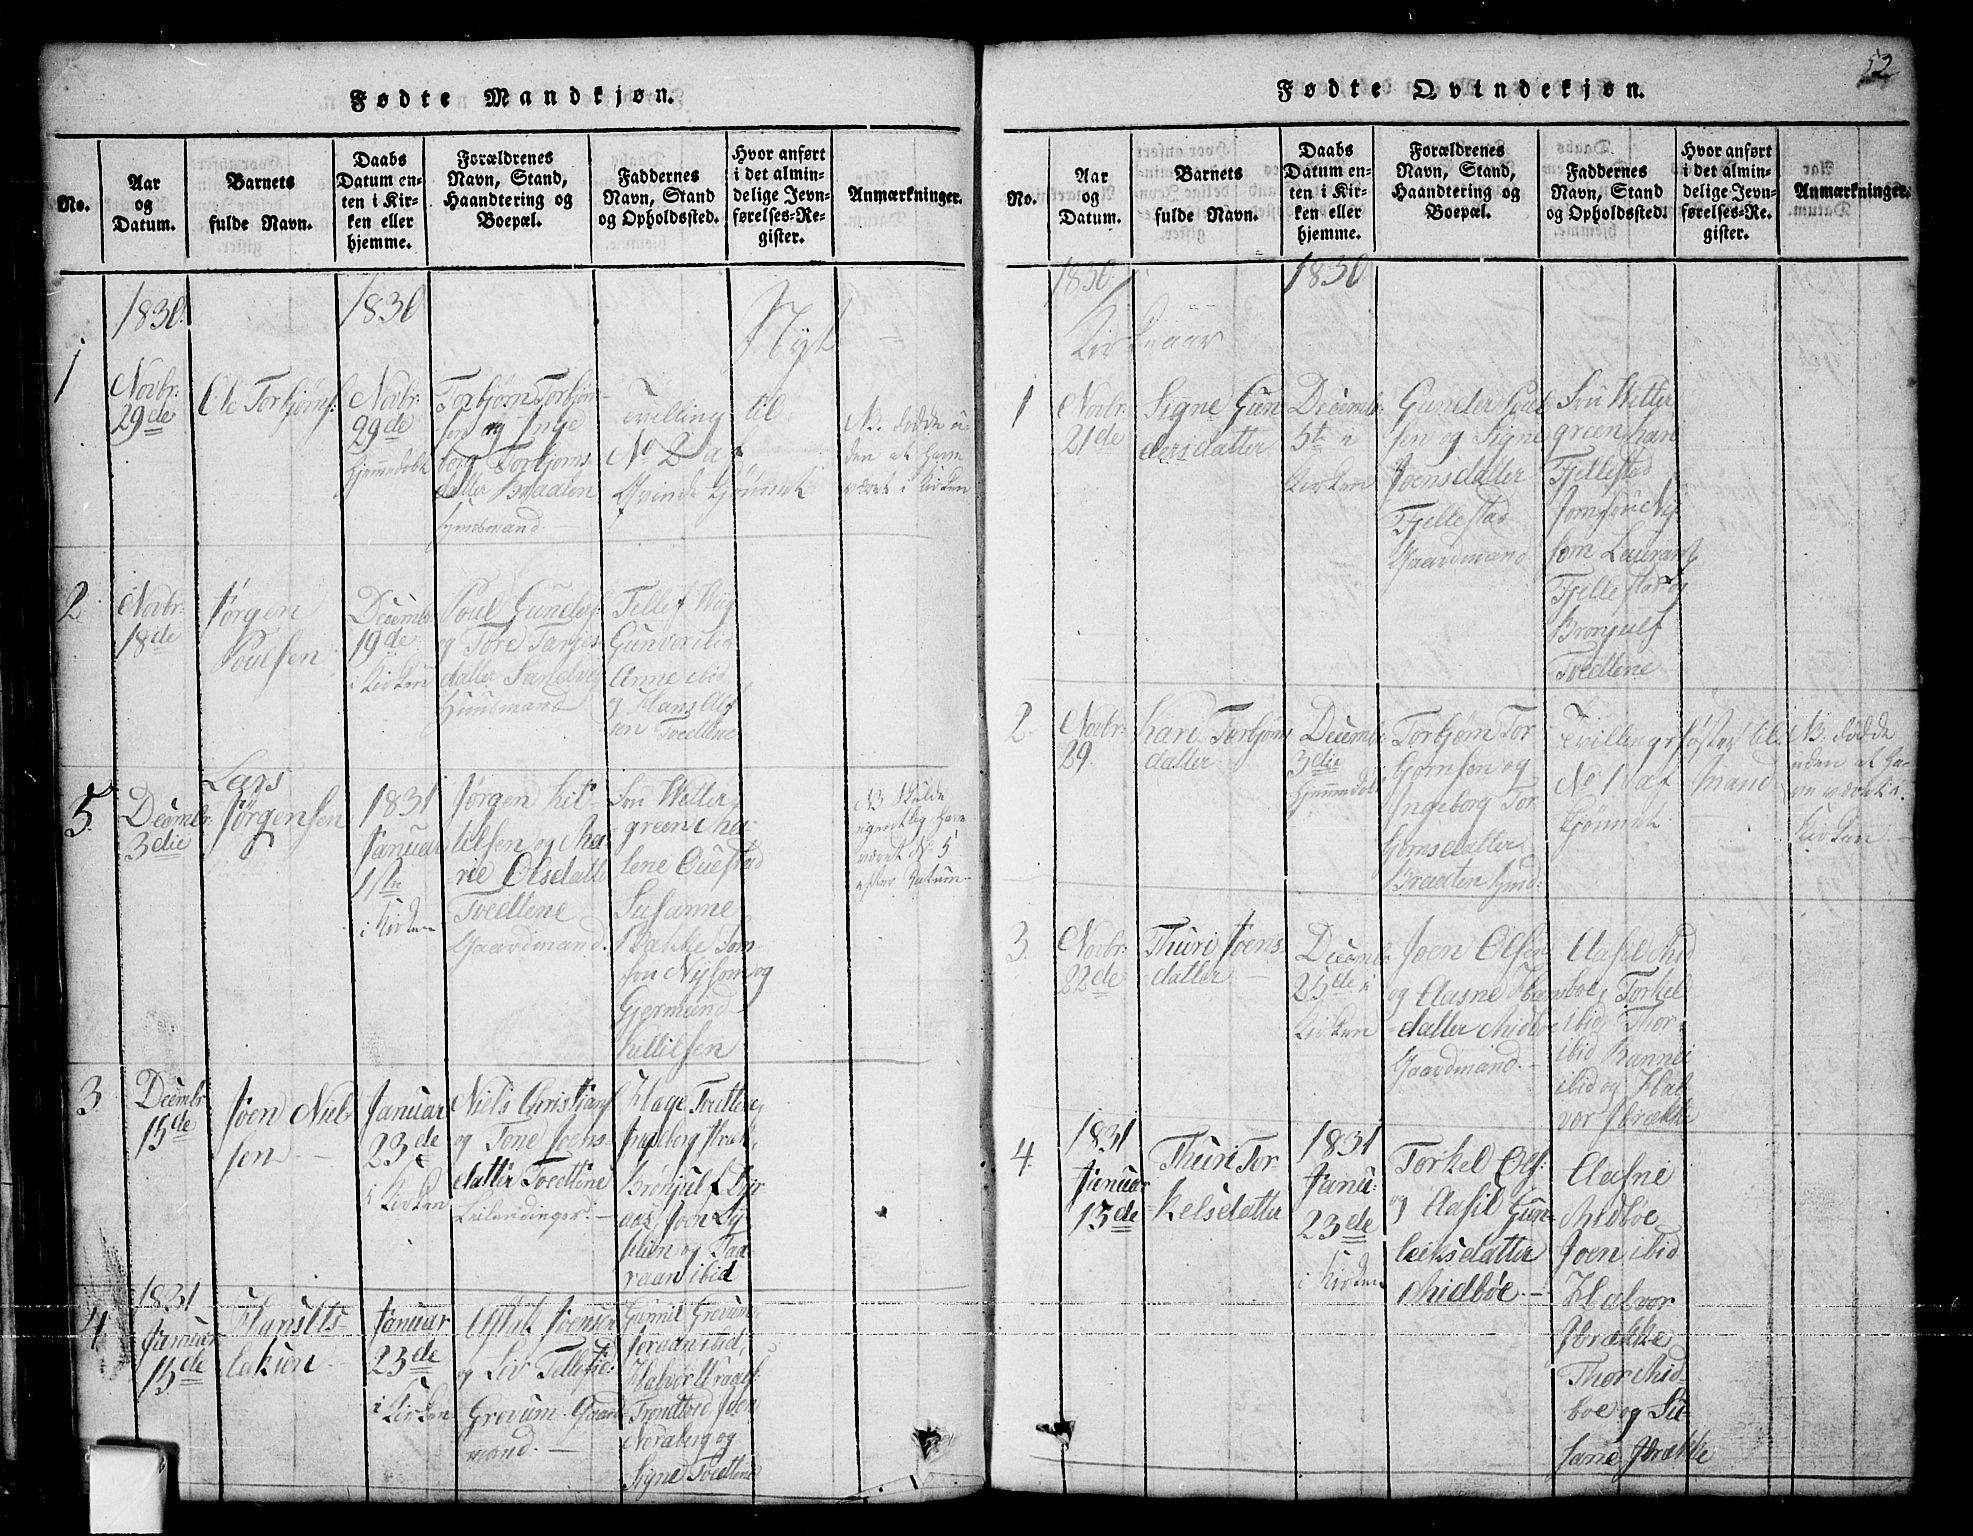 SAKO, Nissedal kirkebøker, G/Ga/L0001: Klokkerbok nr. I 1, 1814-1860, s. 52